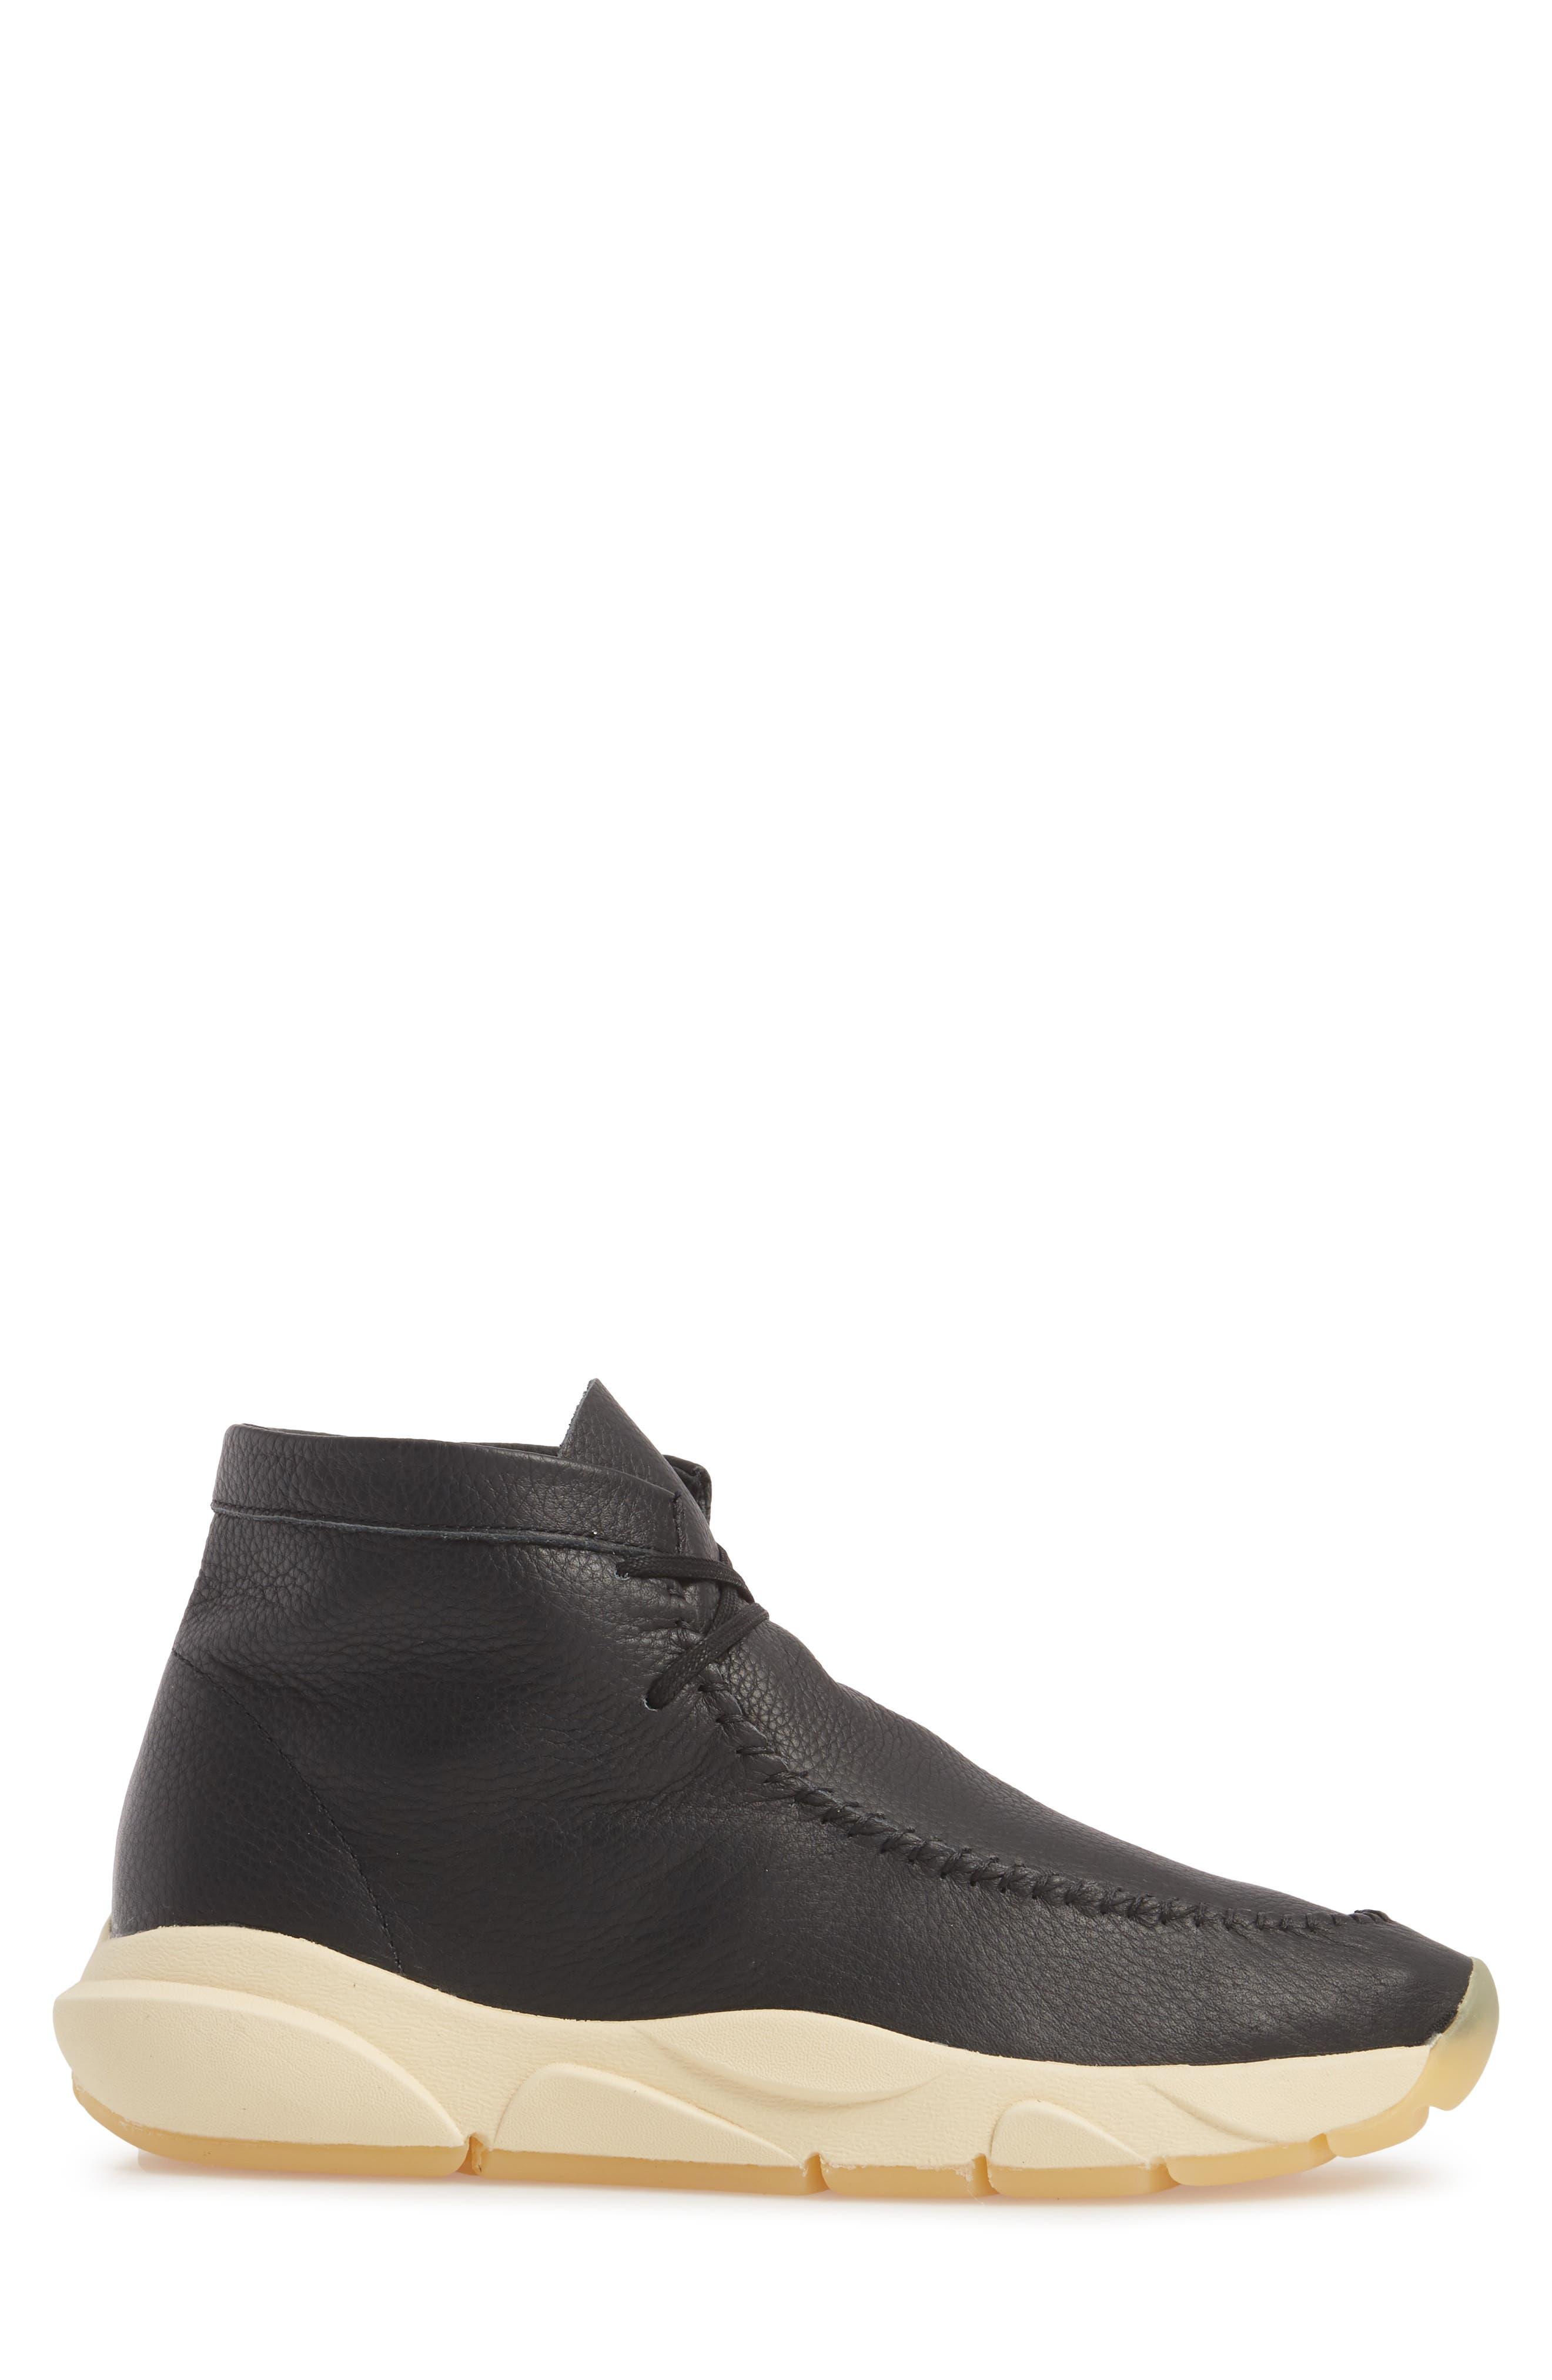 Castas Asymmetrical Chukka Sneaker,                             Alternate thumbnail 3, color,                             001